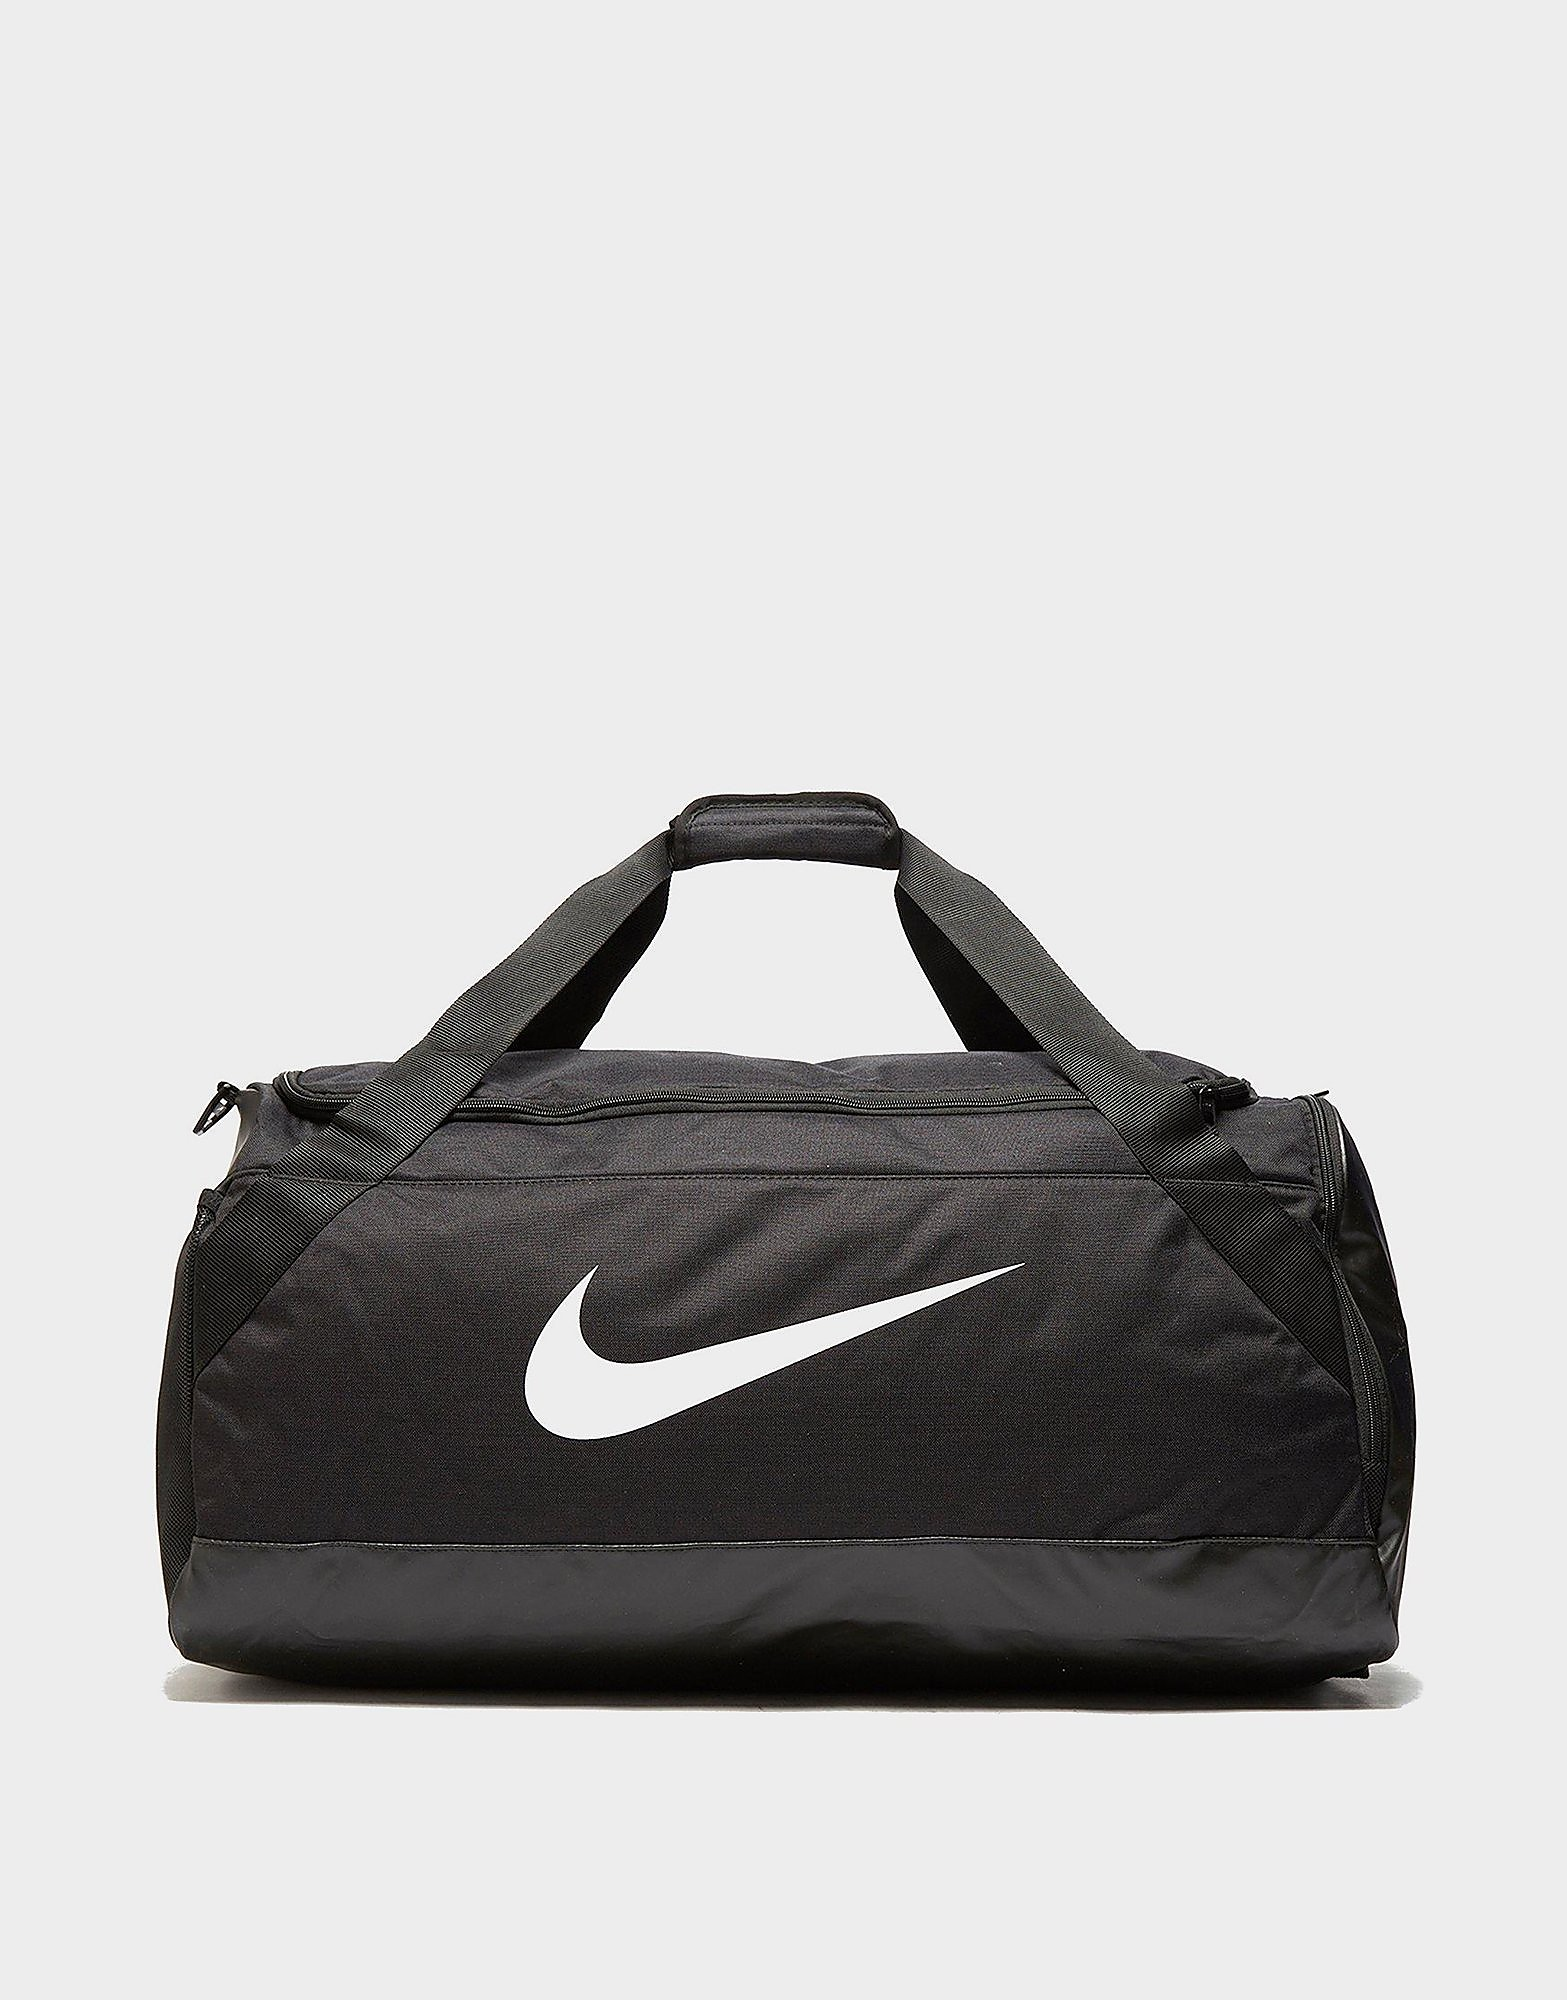 Nike Sac de sport Brasilia grande taille